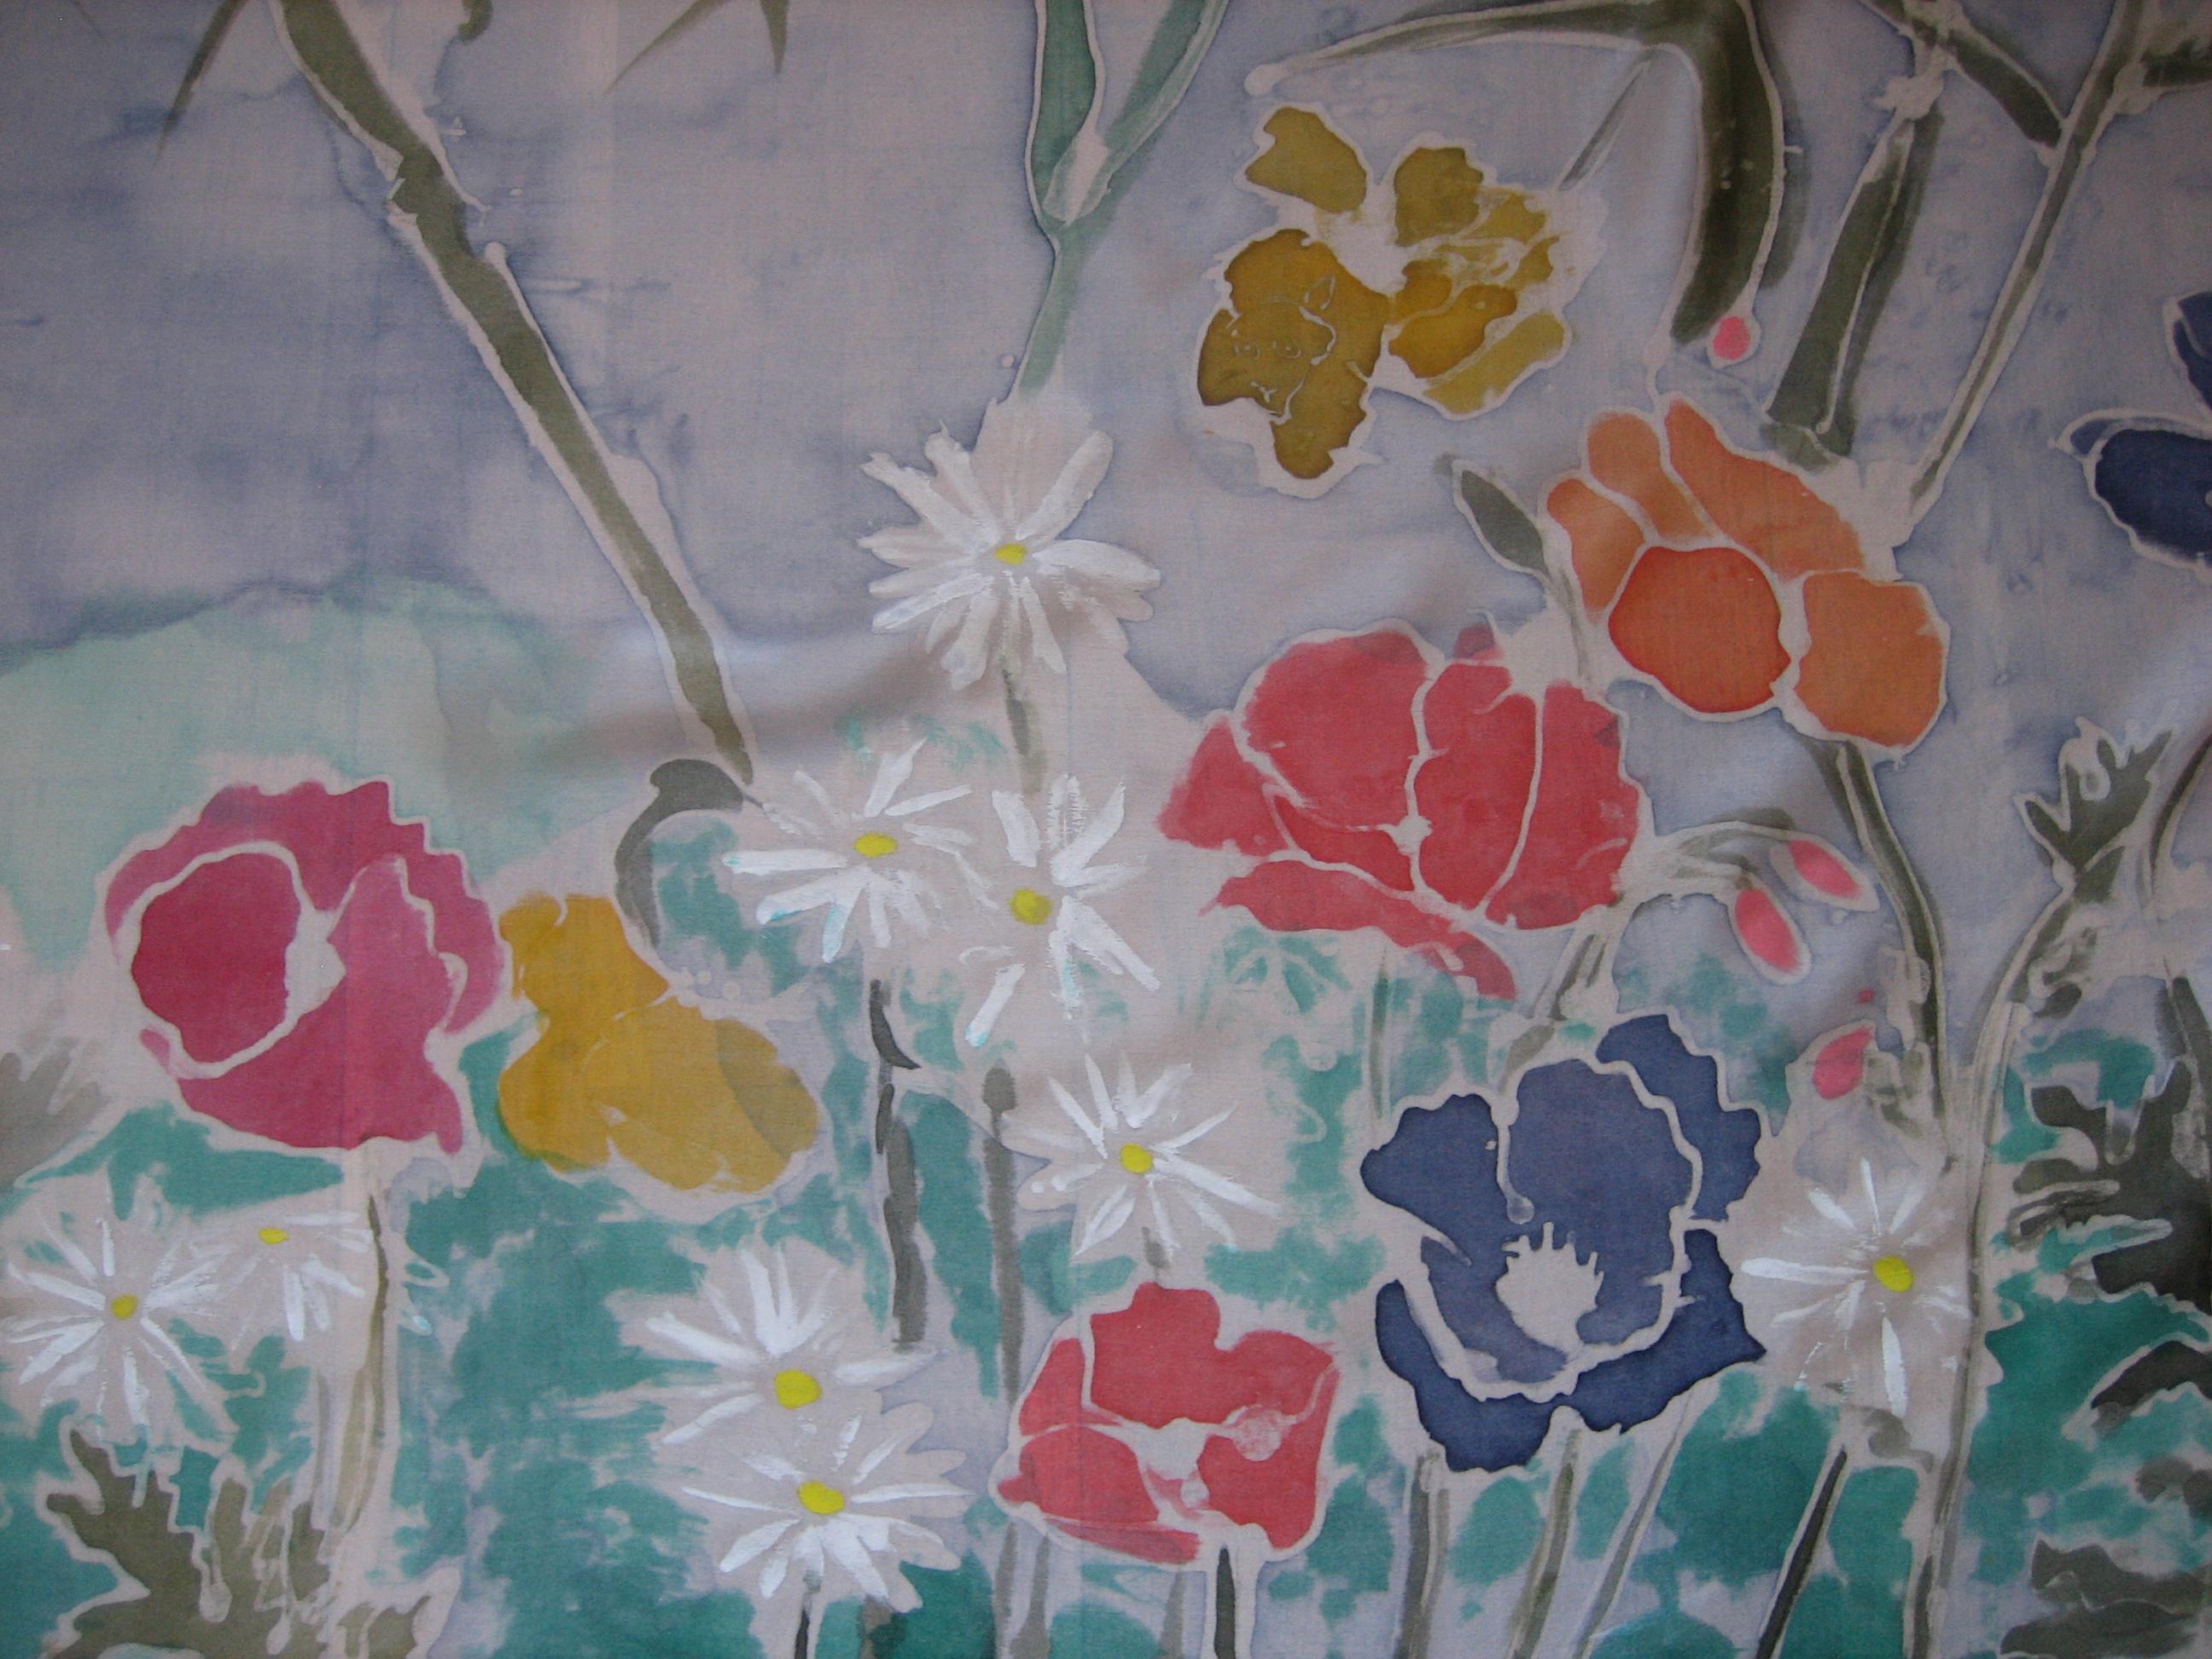 Detalle de grupo floral.